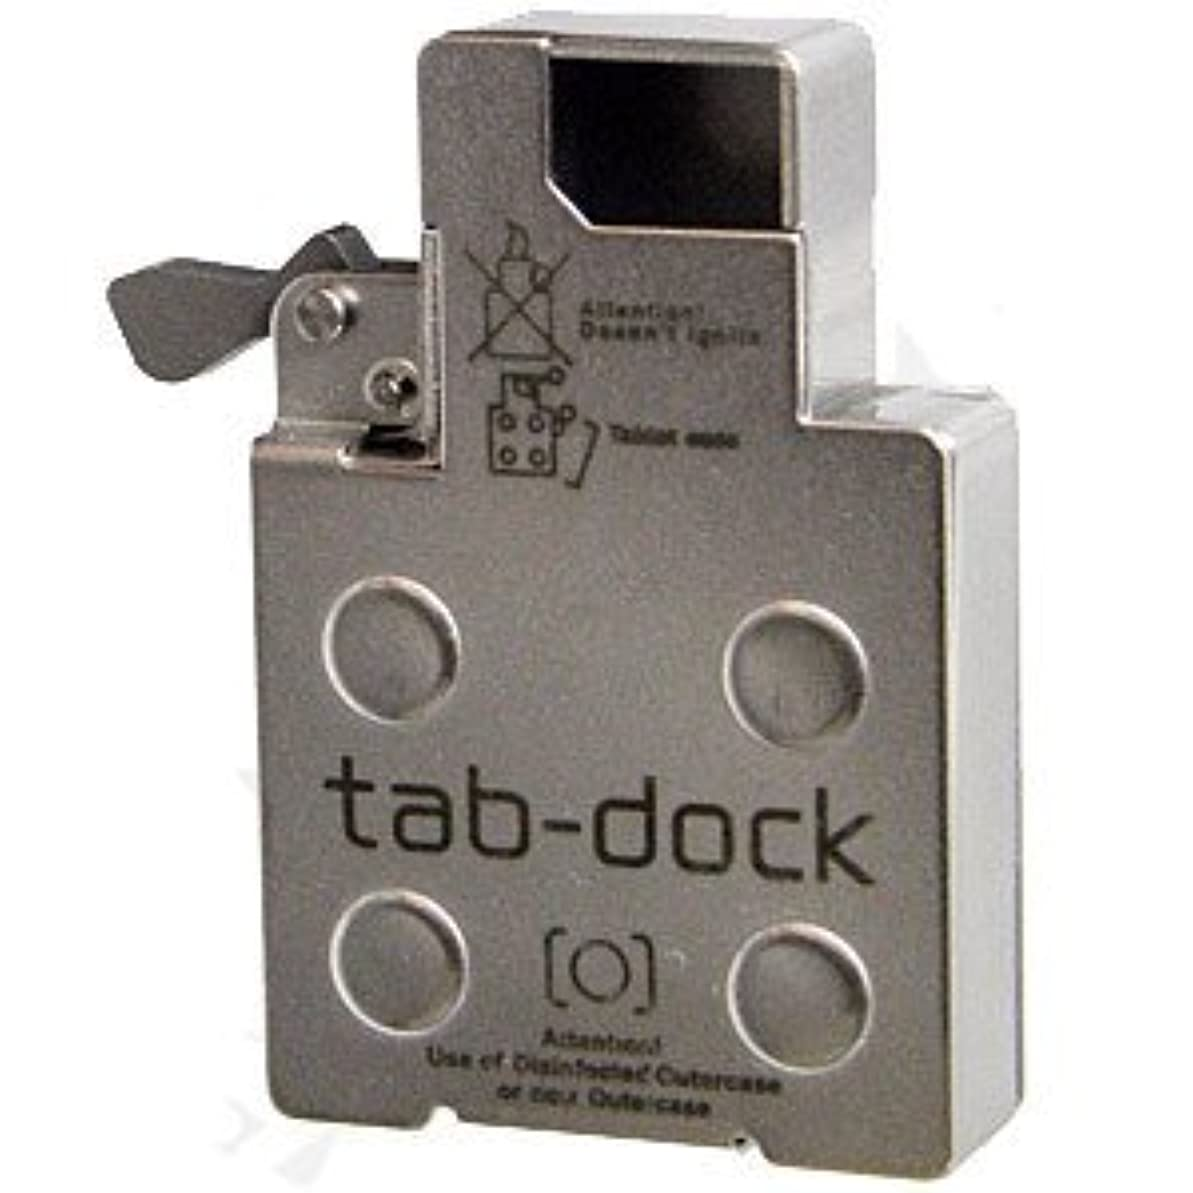 最愛の挑むエージェントタブドック ジッポ ライター用 インナー取替え型 フリスクケース(ピルケース)タブレットケース tab-dock zippoライター用 ケースセット